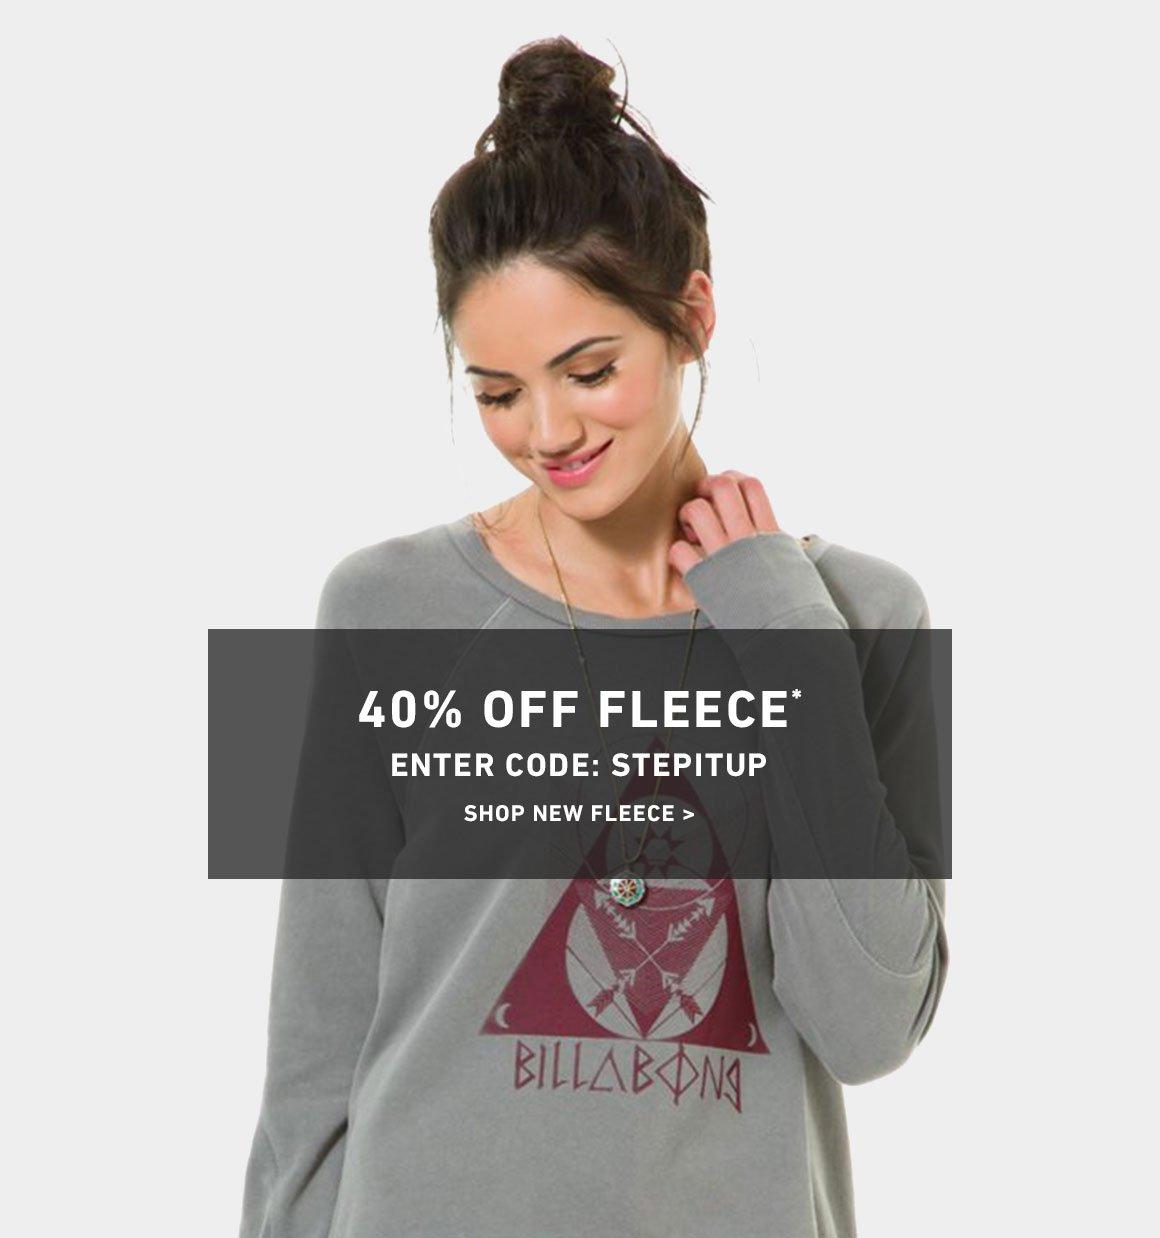 40% Off Fleece! Enter Code: STEPITUP